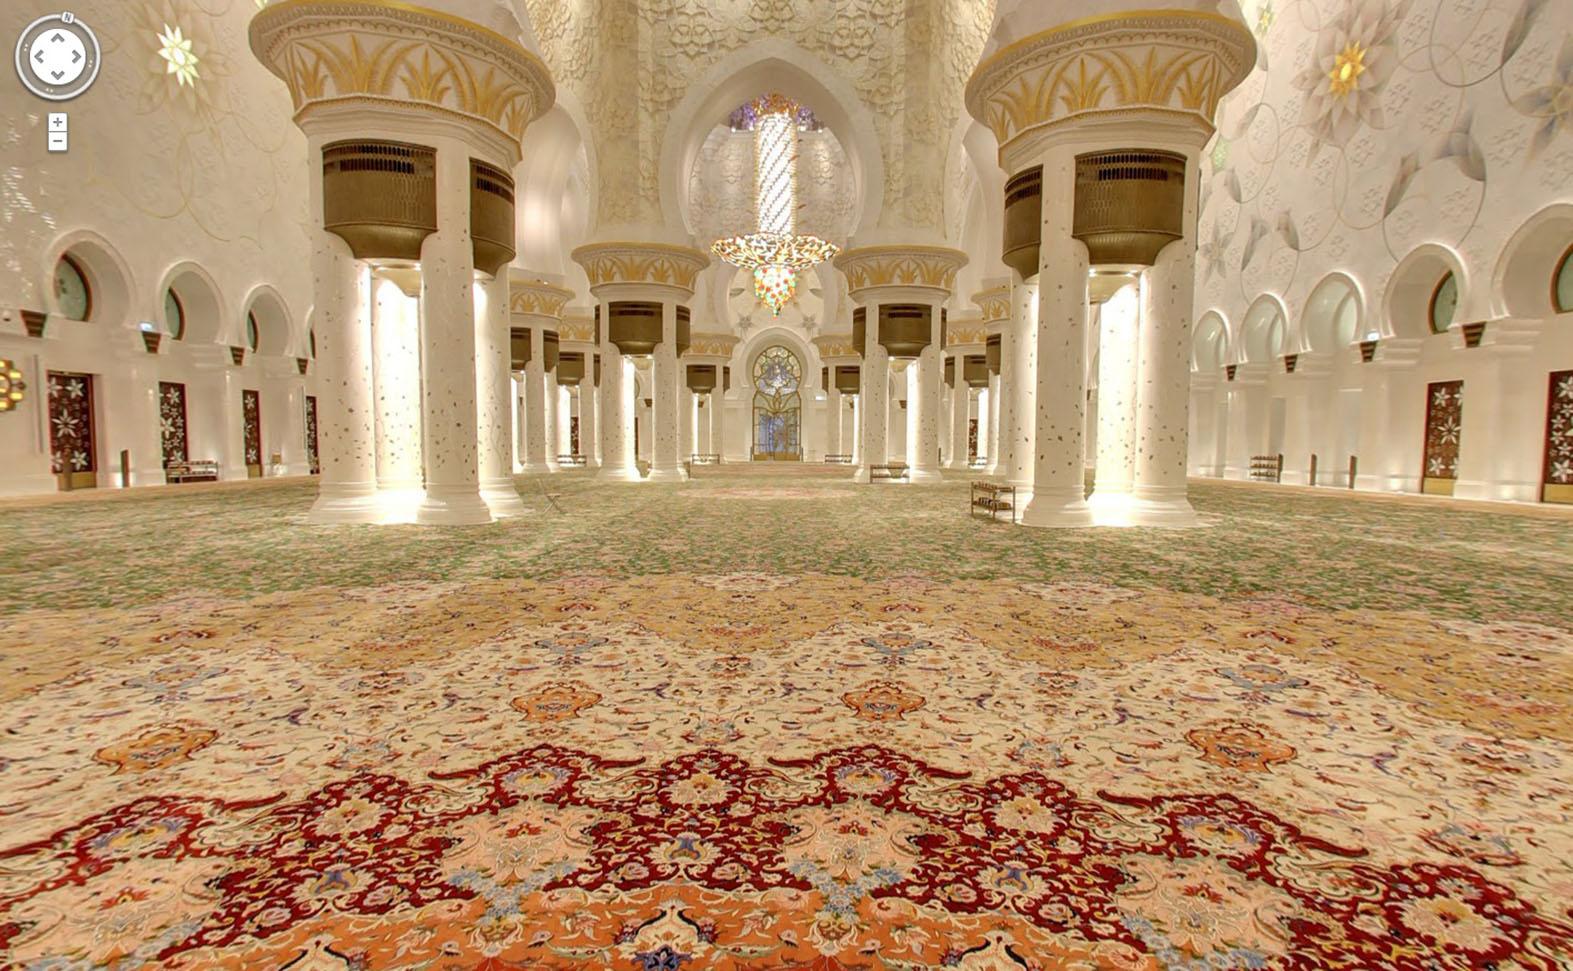 هنصلى فين النهاردة (مسجد الشيخ زايد) 19041432449_67792869d9_o